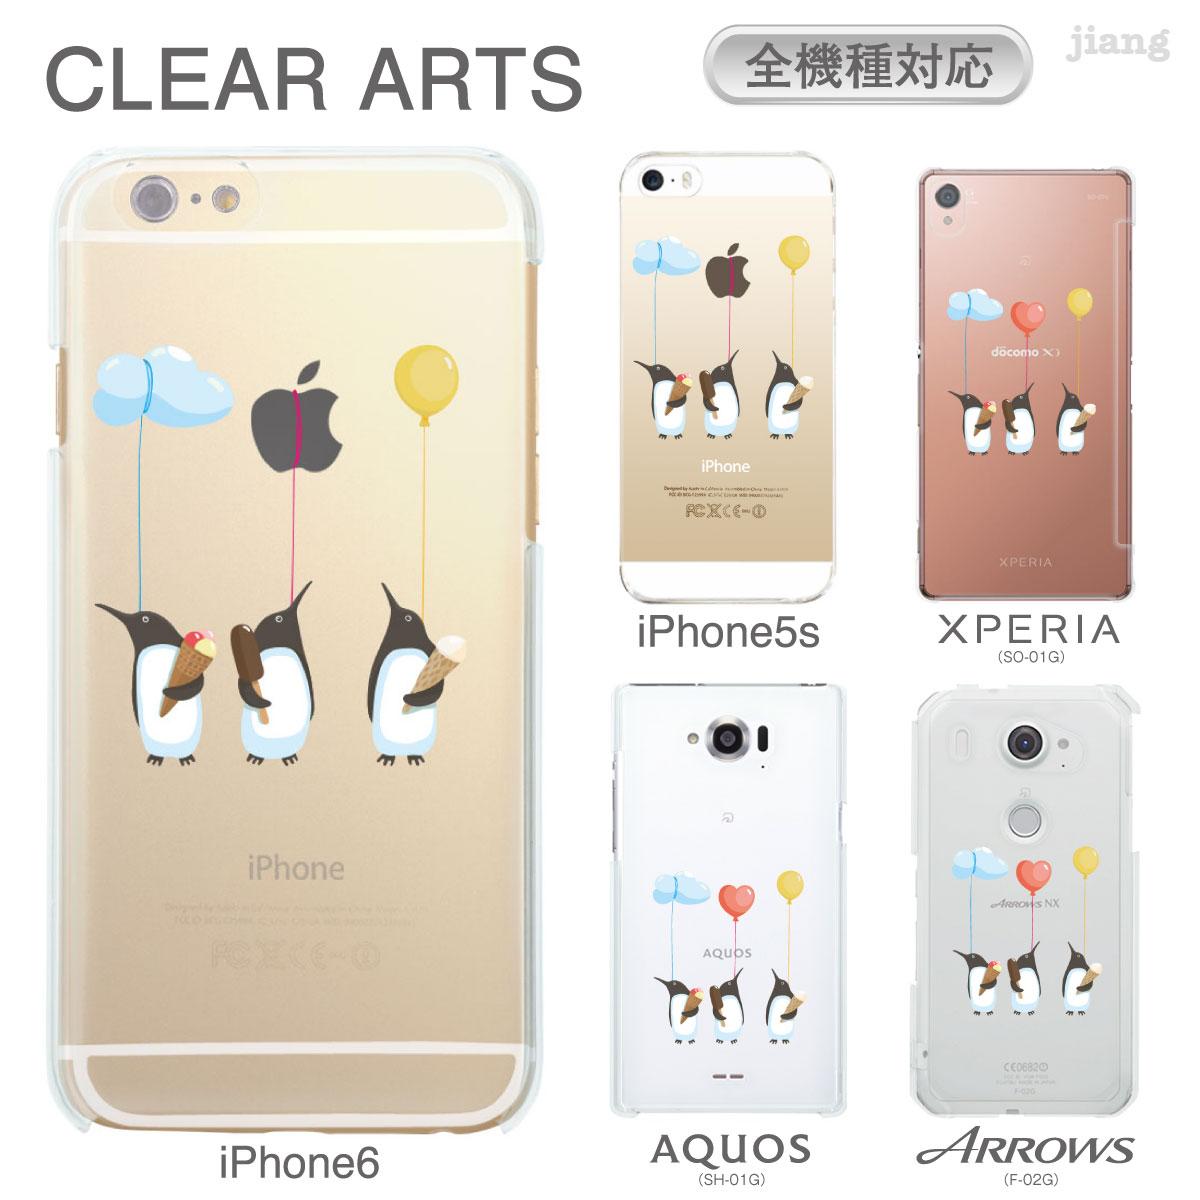 スマホケース 全機種対応 ケース カバー ハードケース クリアケースiPhoneX iPhone8 iPhone7s Plus iPhone7 iPhone6s iPhone6 Plus iPhone SE 5s Xperia XZ1 SO-01K SO-02K XZ so-04j XZs so-03j aquos R SH-01K SHV41 ペンギン 01-zen-ca0065